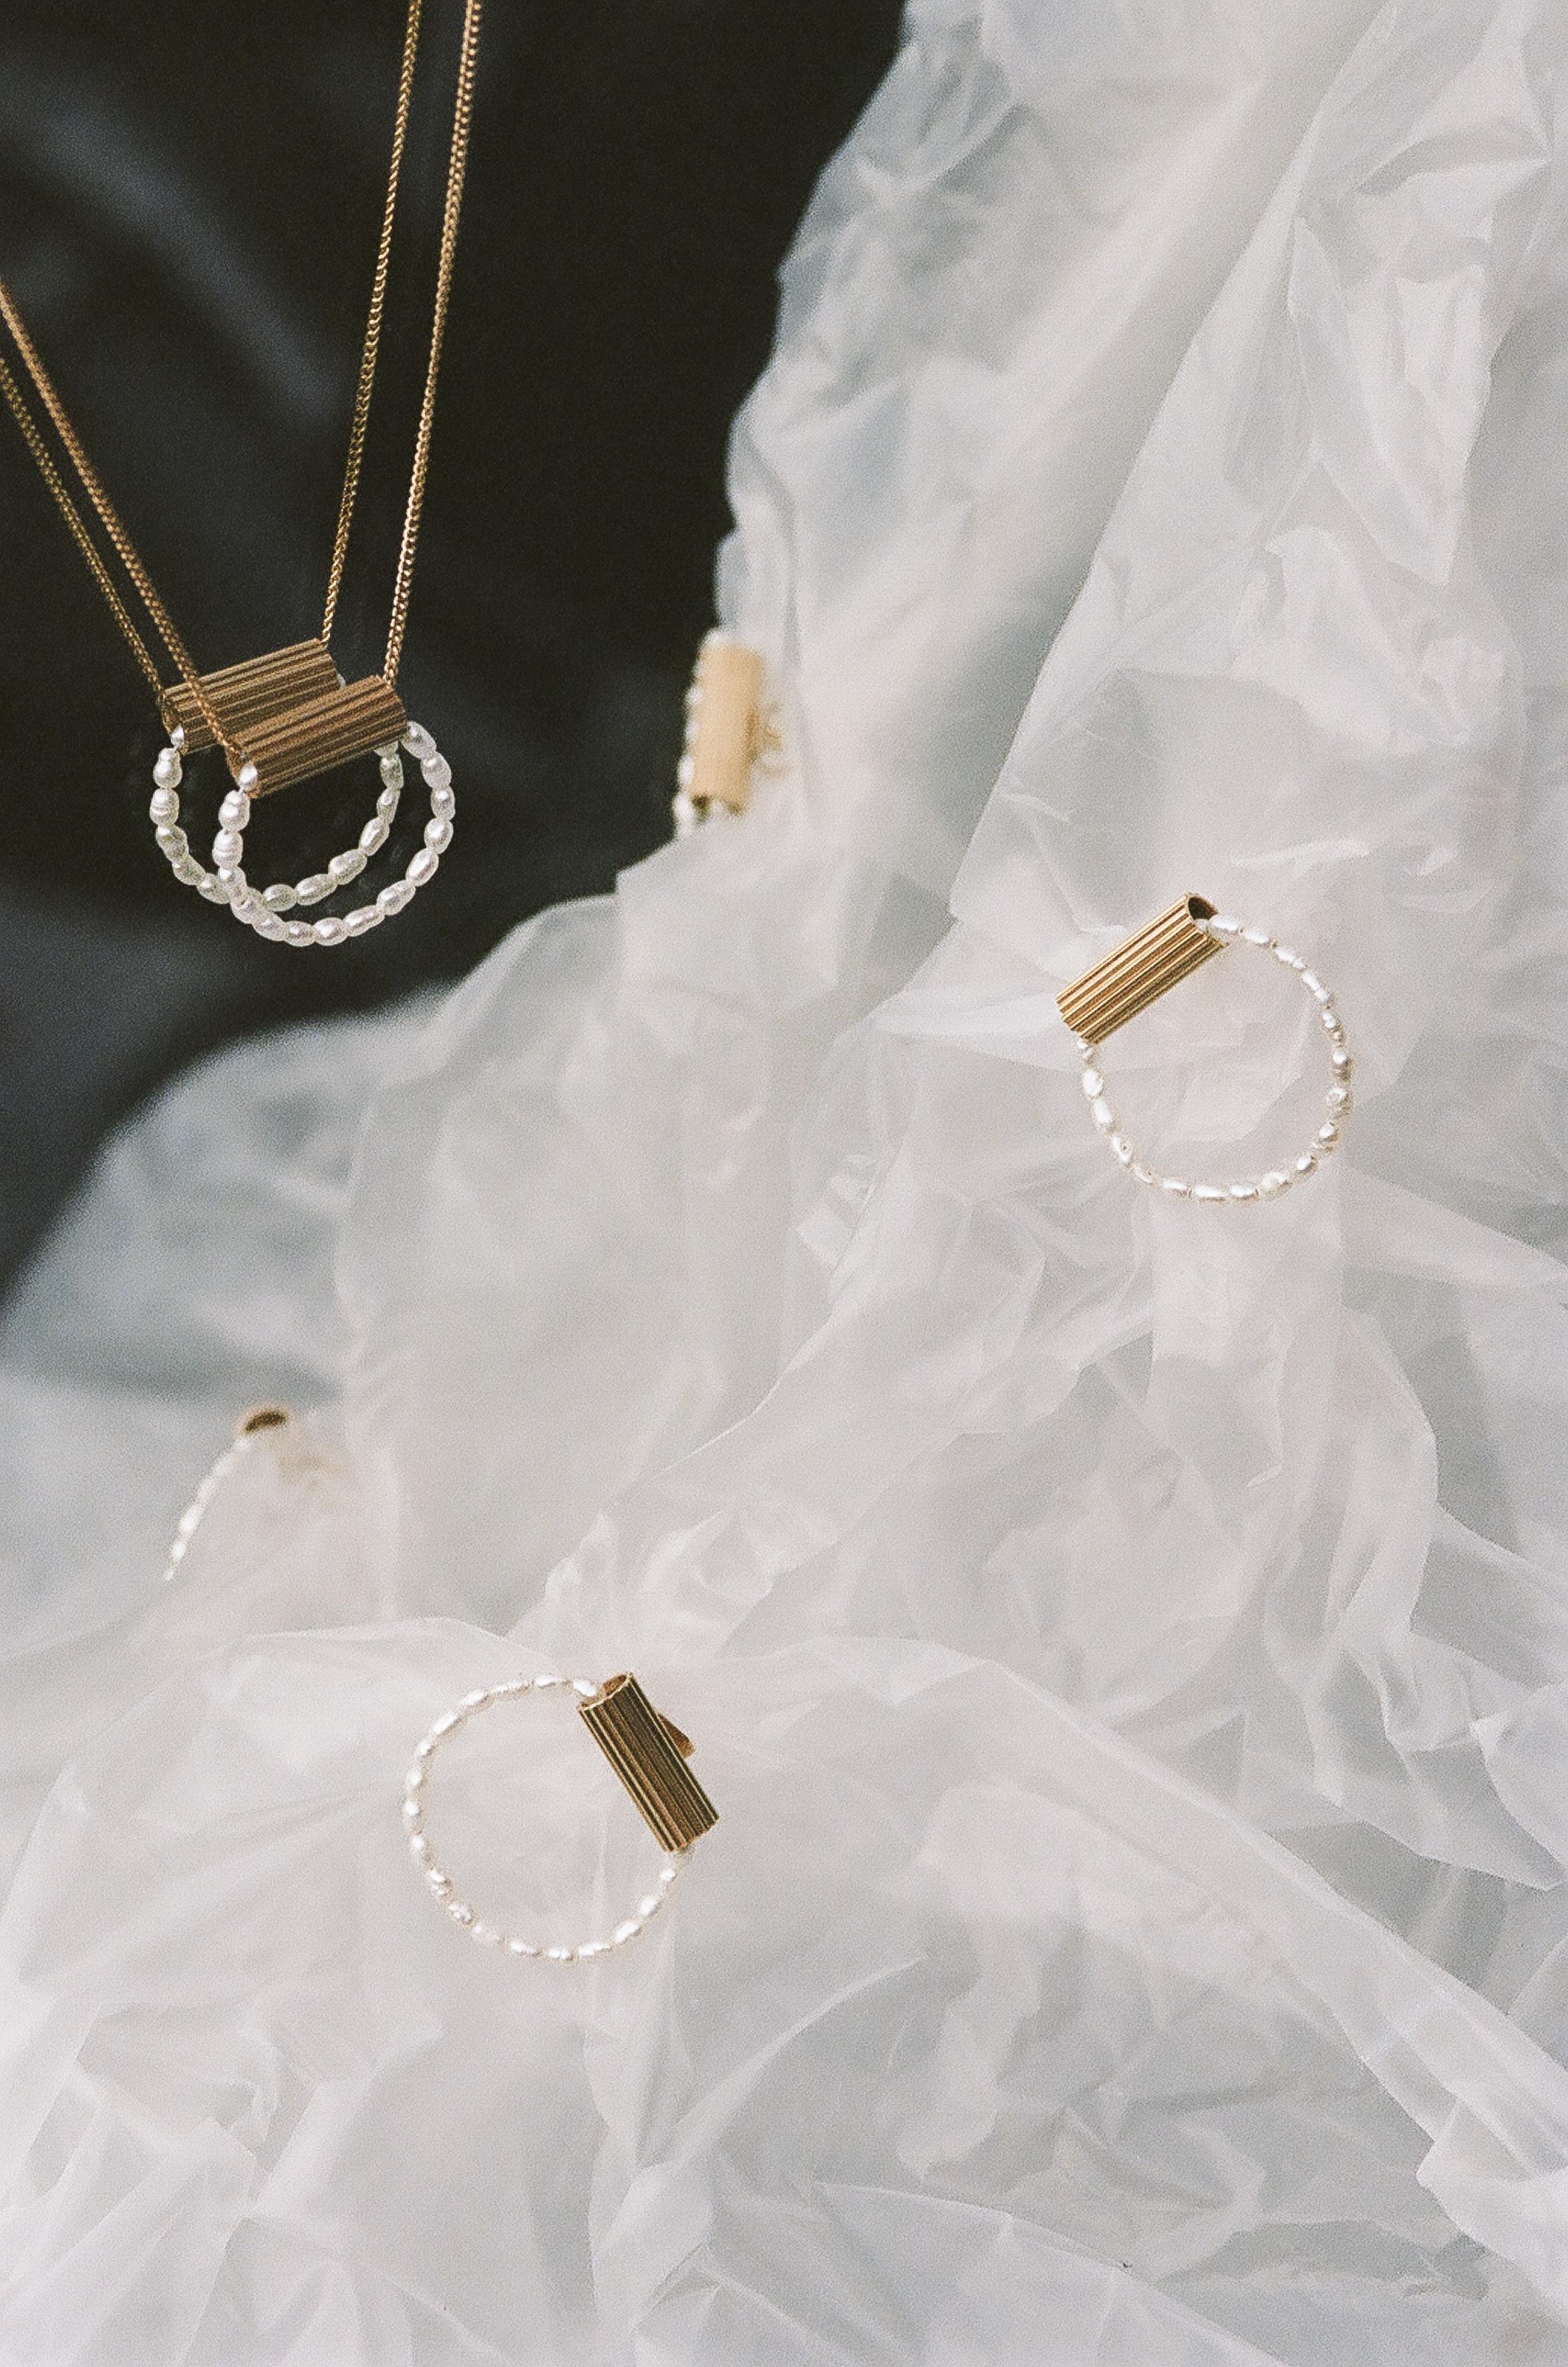 juwelentrends